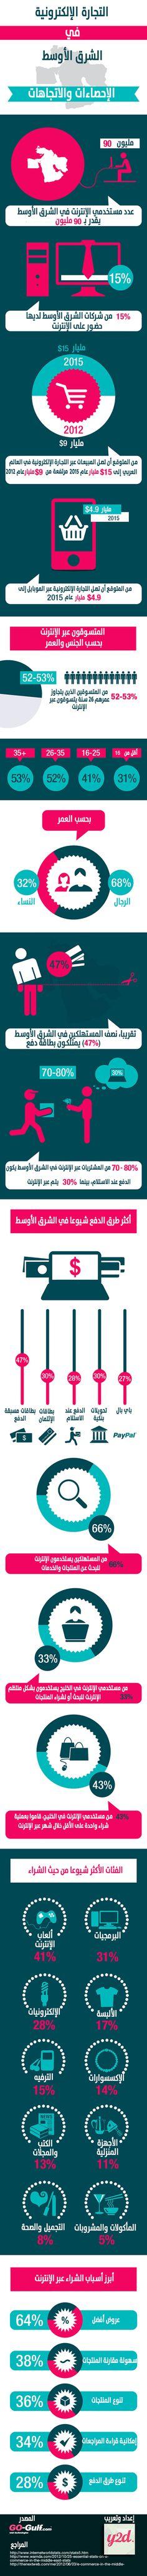 تقريبا نصف المستهلكين في الشرق الأوسط يمتلكون بطاقة دفع